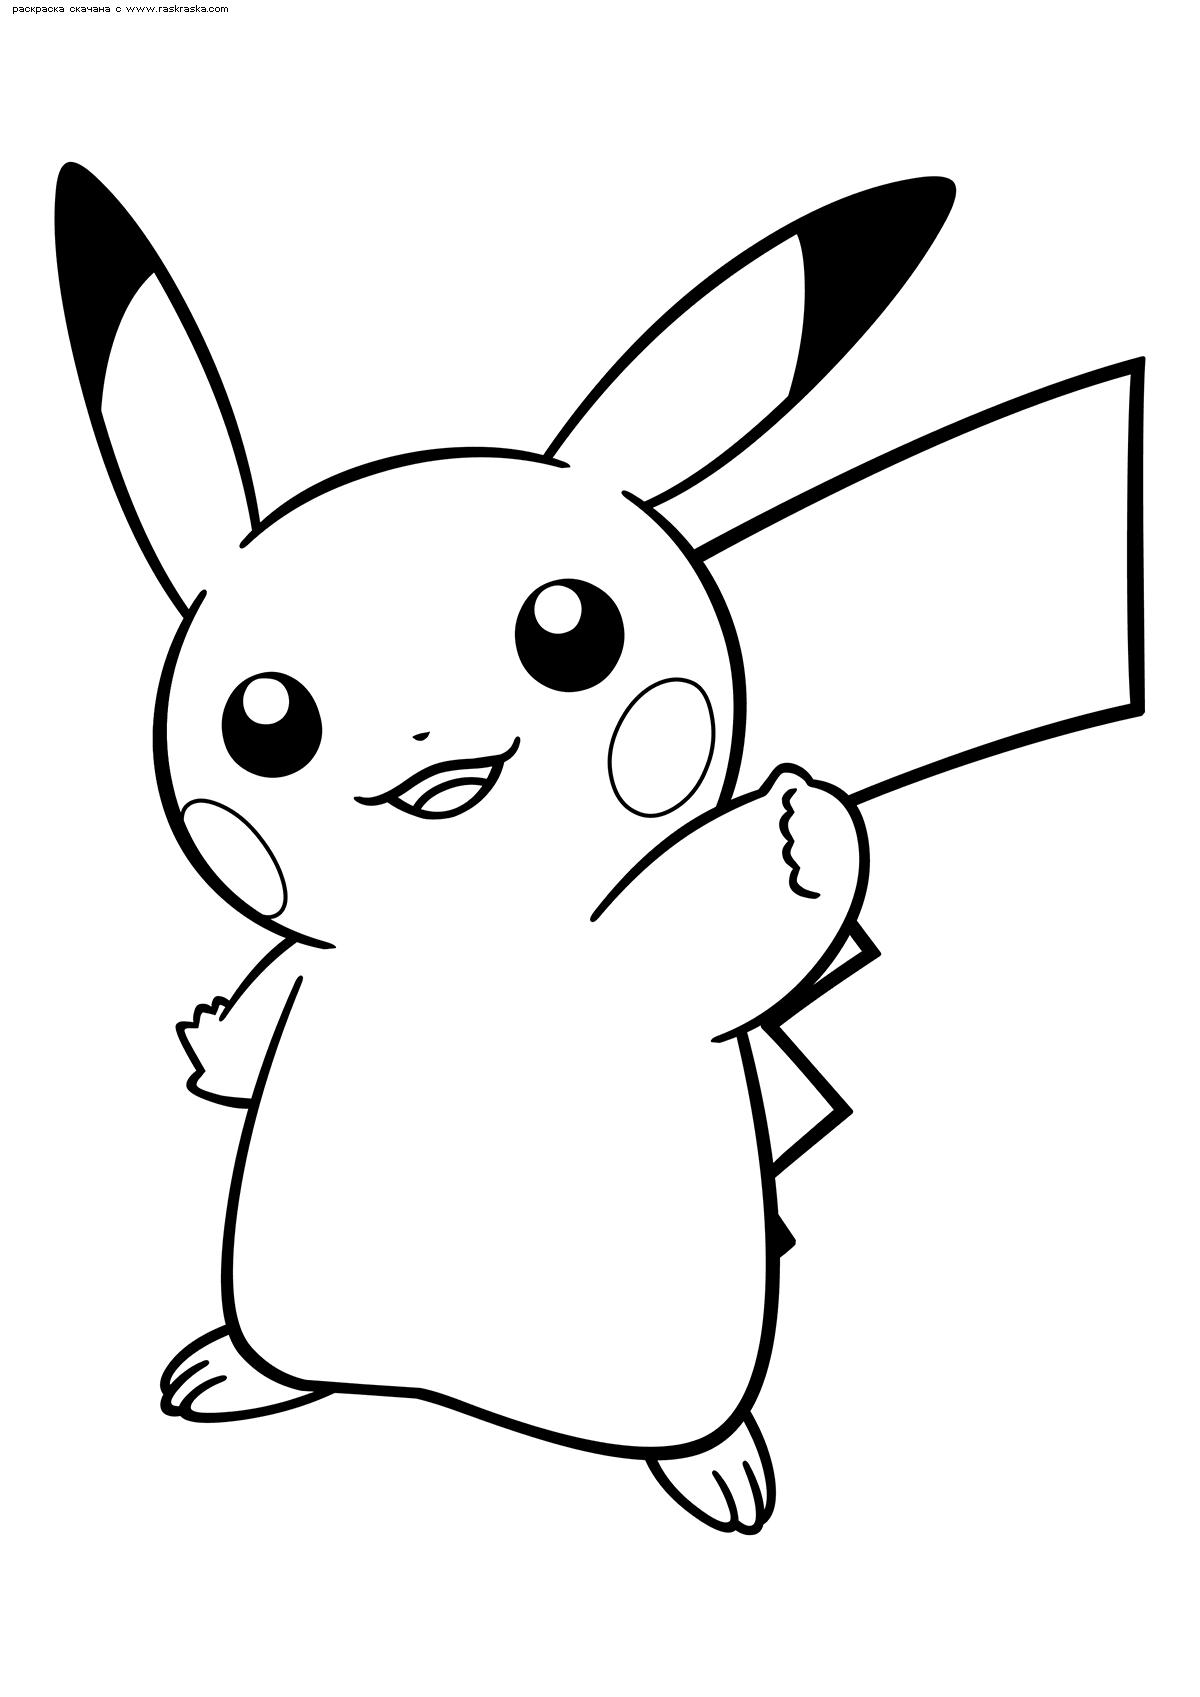 Раскраска Покемон Пикачу (Pikachu) | Раскраски эволюция ...